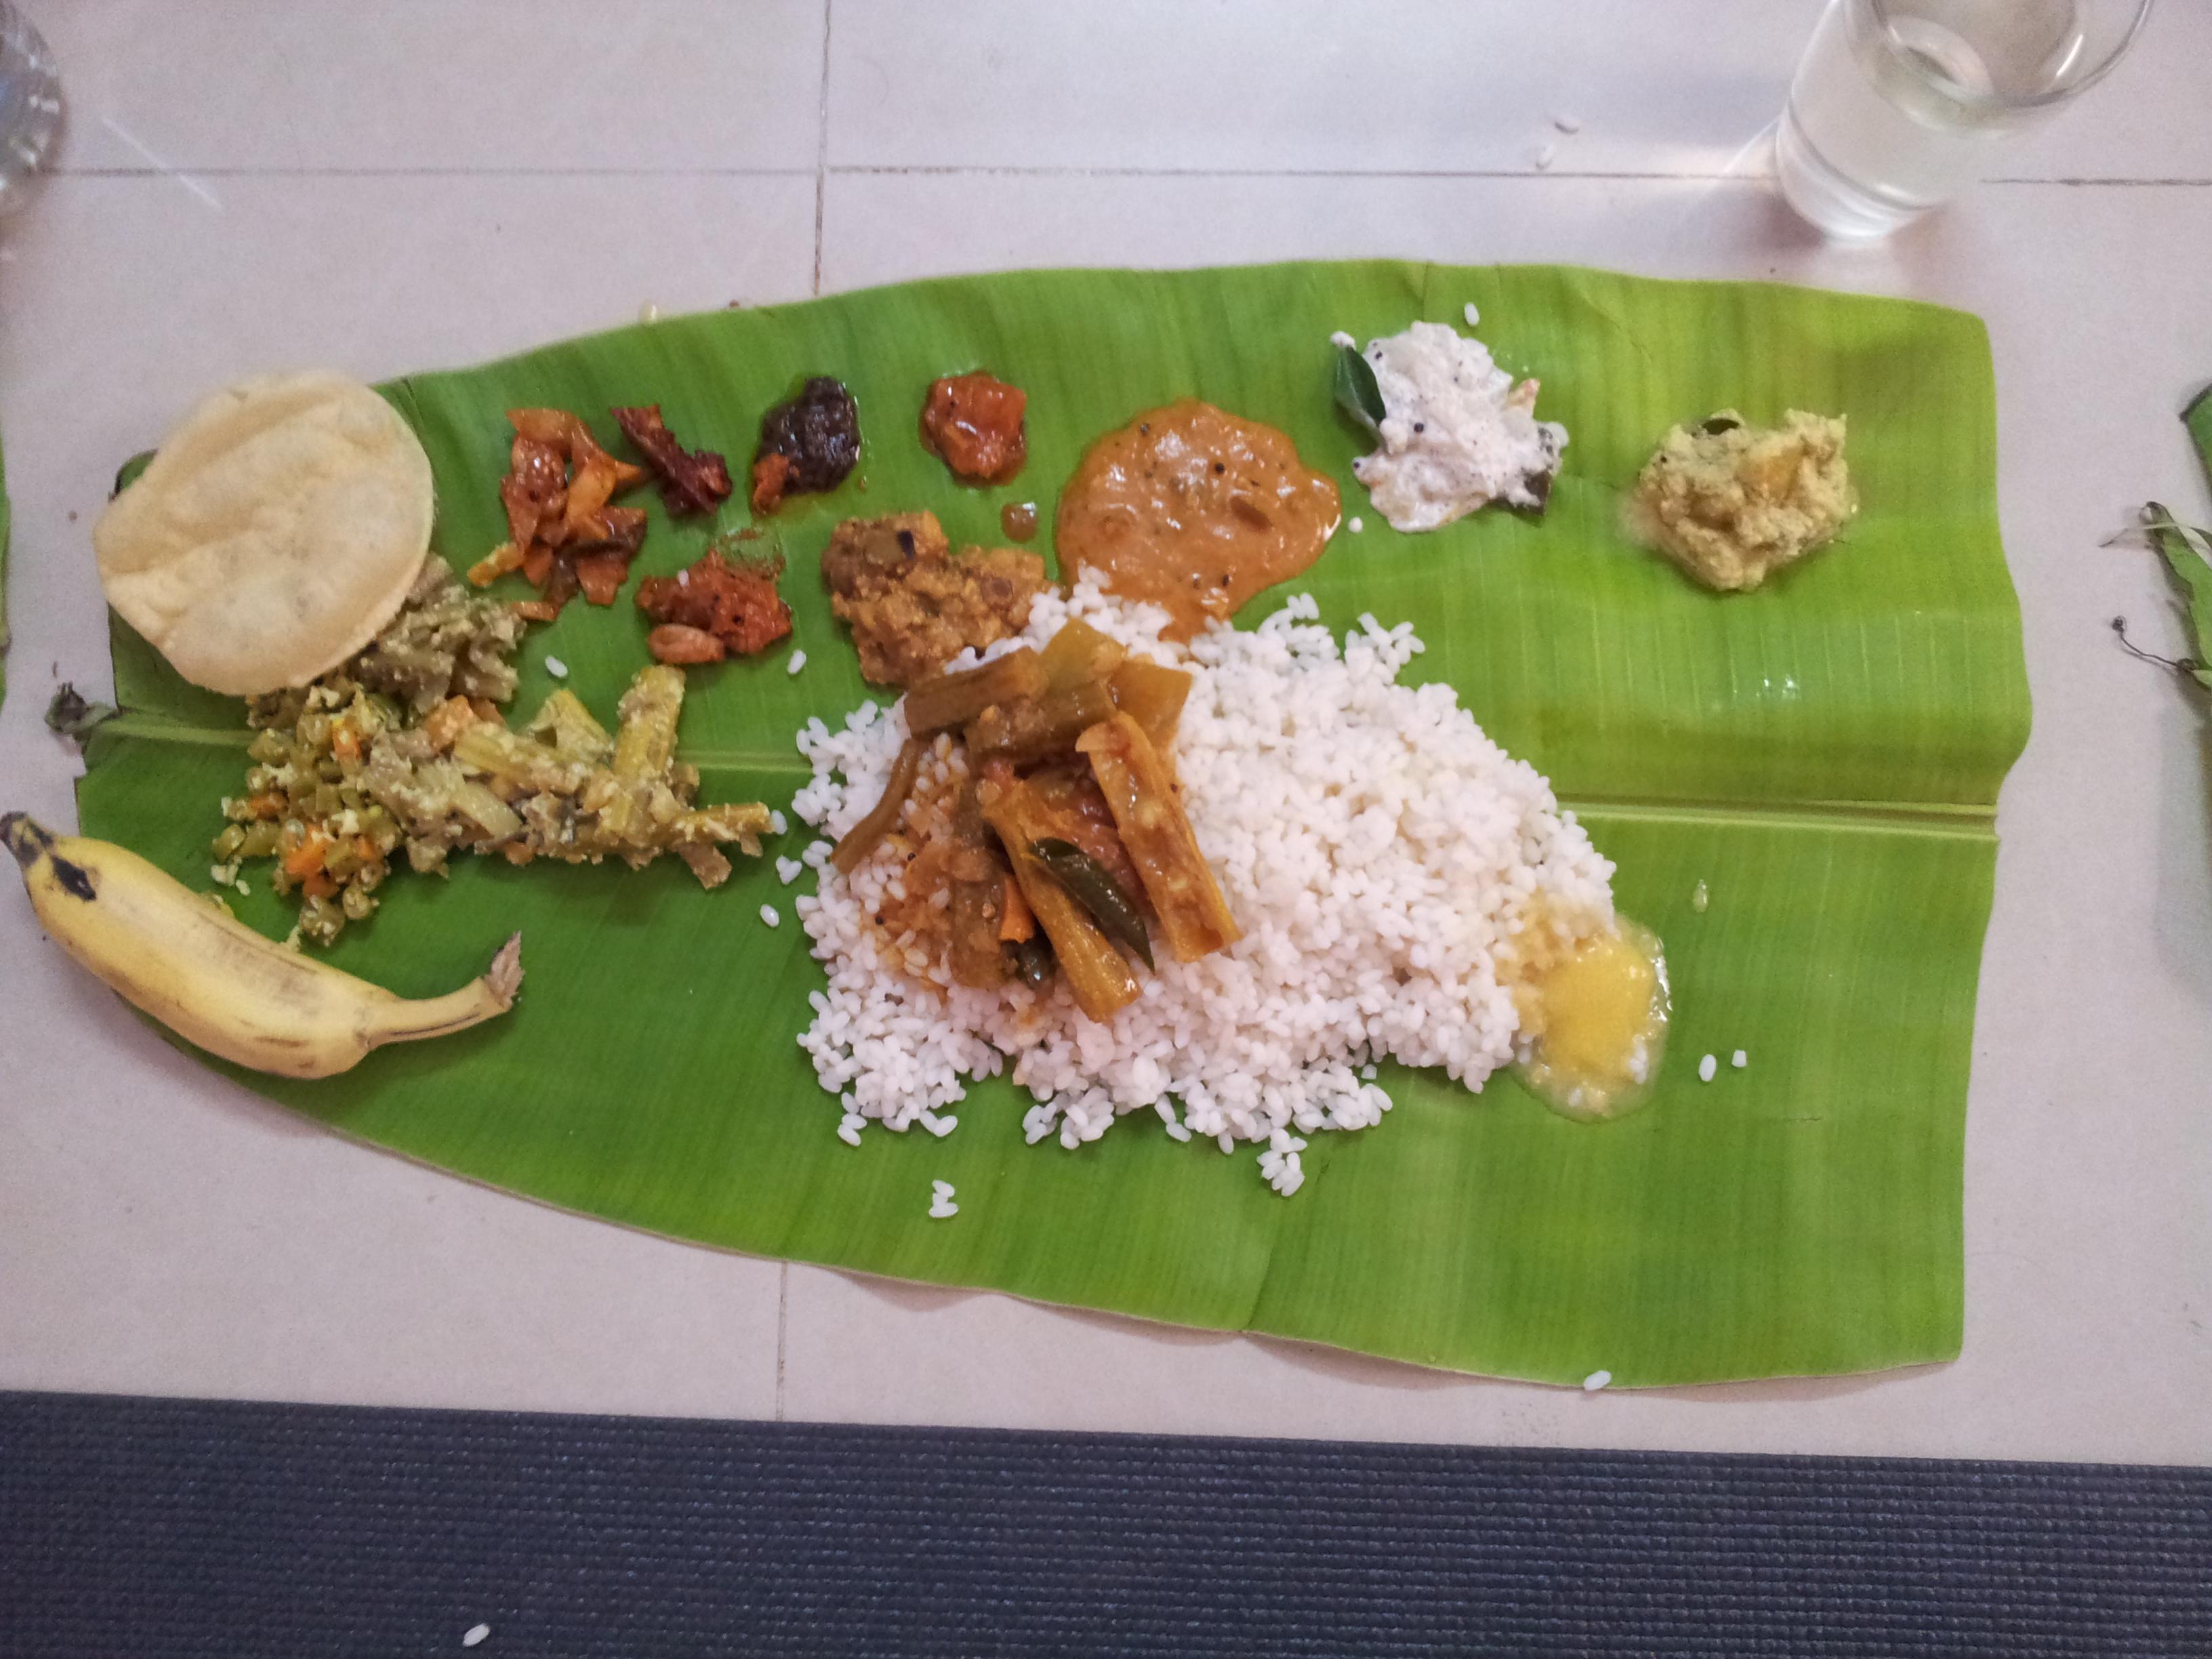 File:Vishu Sadya 2013 135212.jpg - Wikipedia